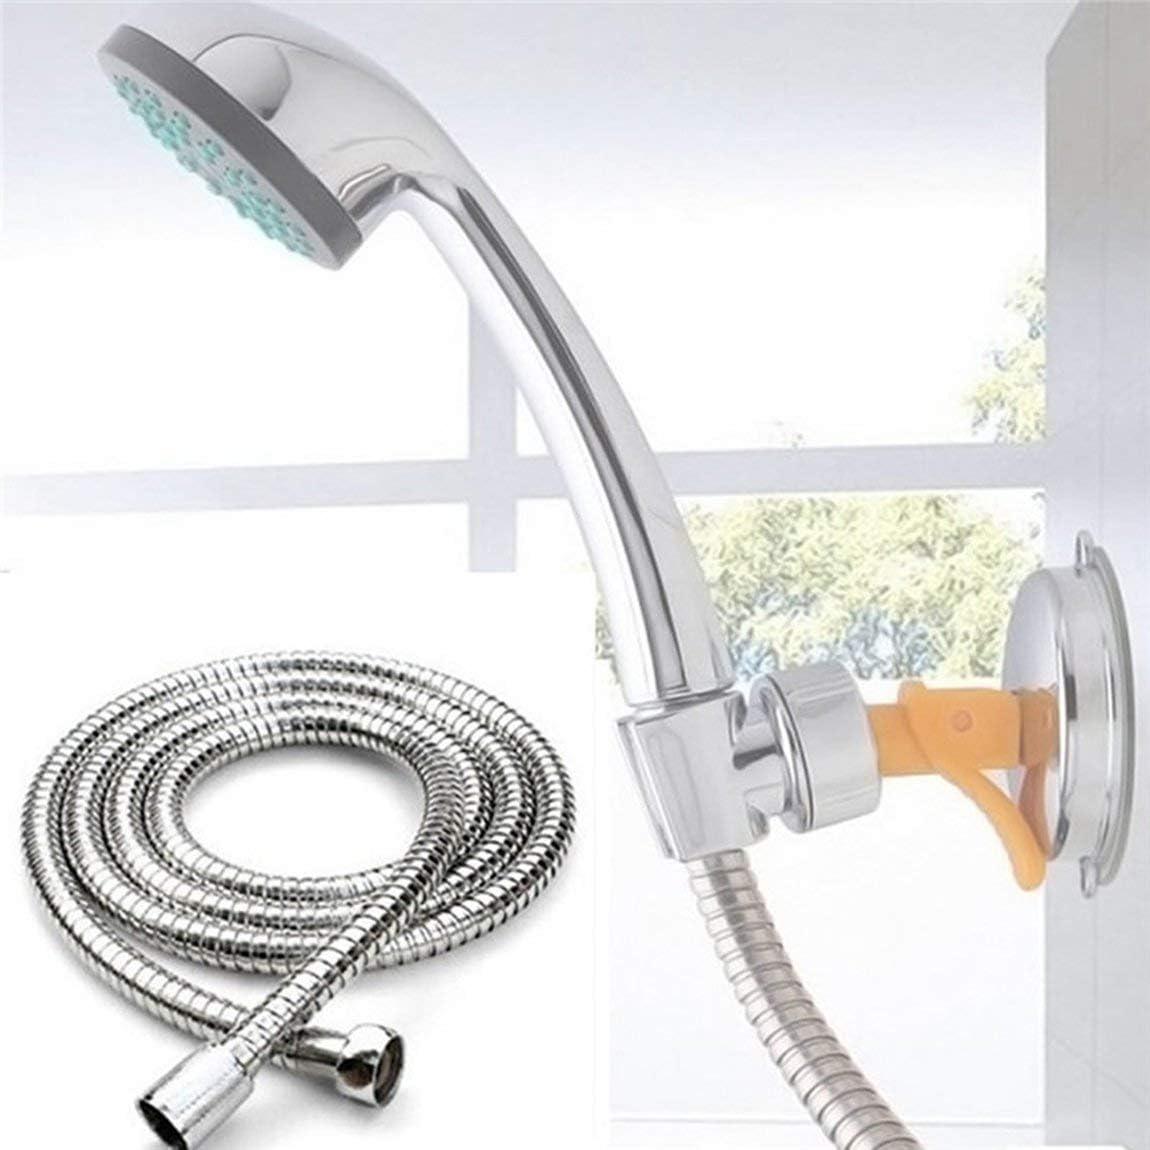 couleur: argent Tuyau flexible de salle de bains en acier inoxydable de tube de douche de plomberie durable avec r/ésistance /à hautes temp/ératures et